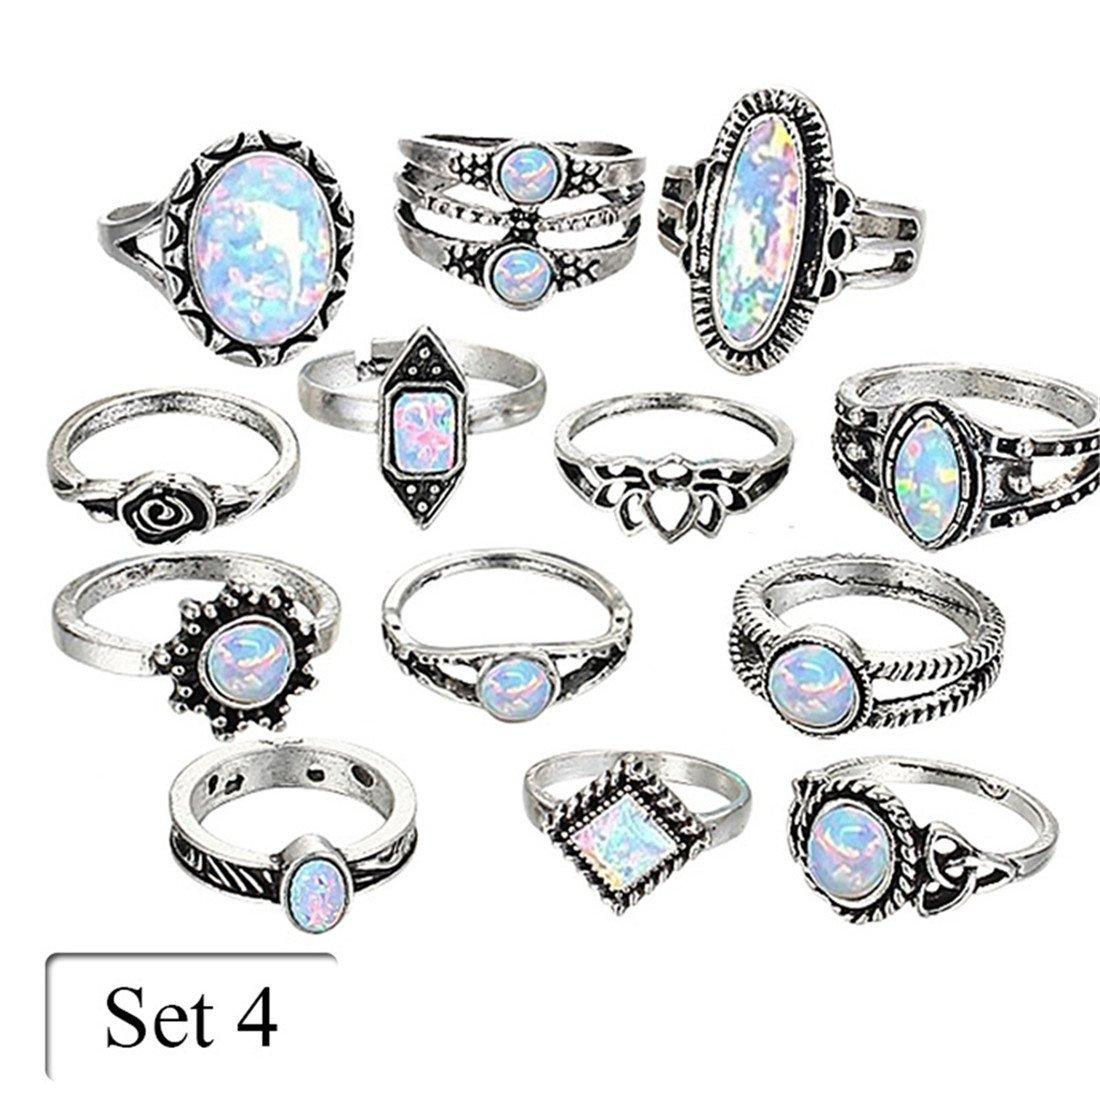 UNKE Vintage Bohemian Opal Rhinestone Eye Moon Wave Teardrop Carved Knuckle Joint Nail Rings for Women,10 Pcs